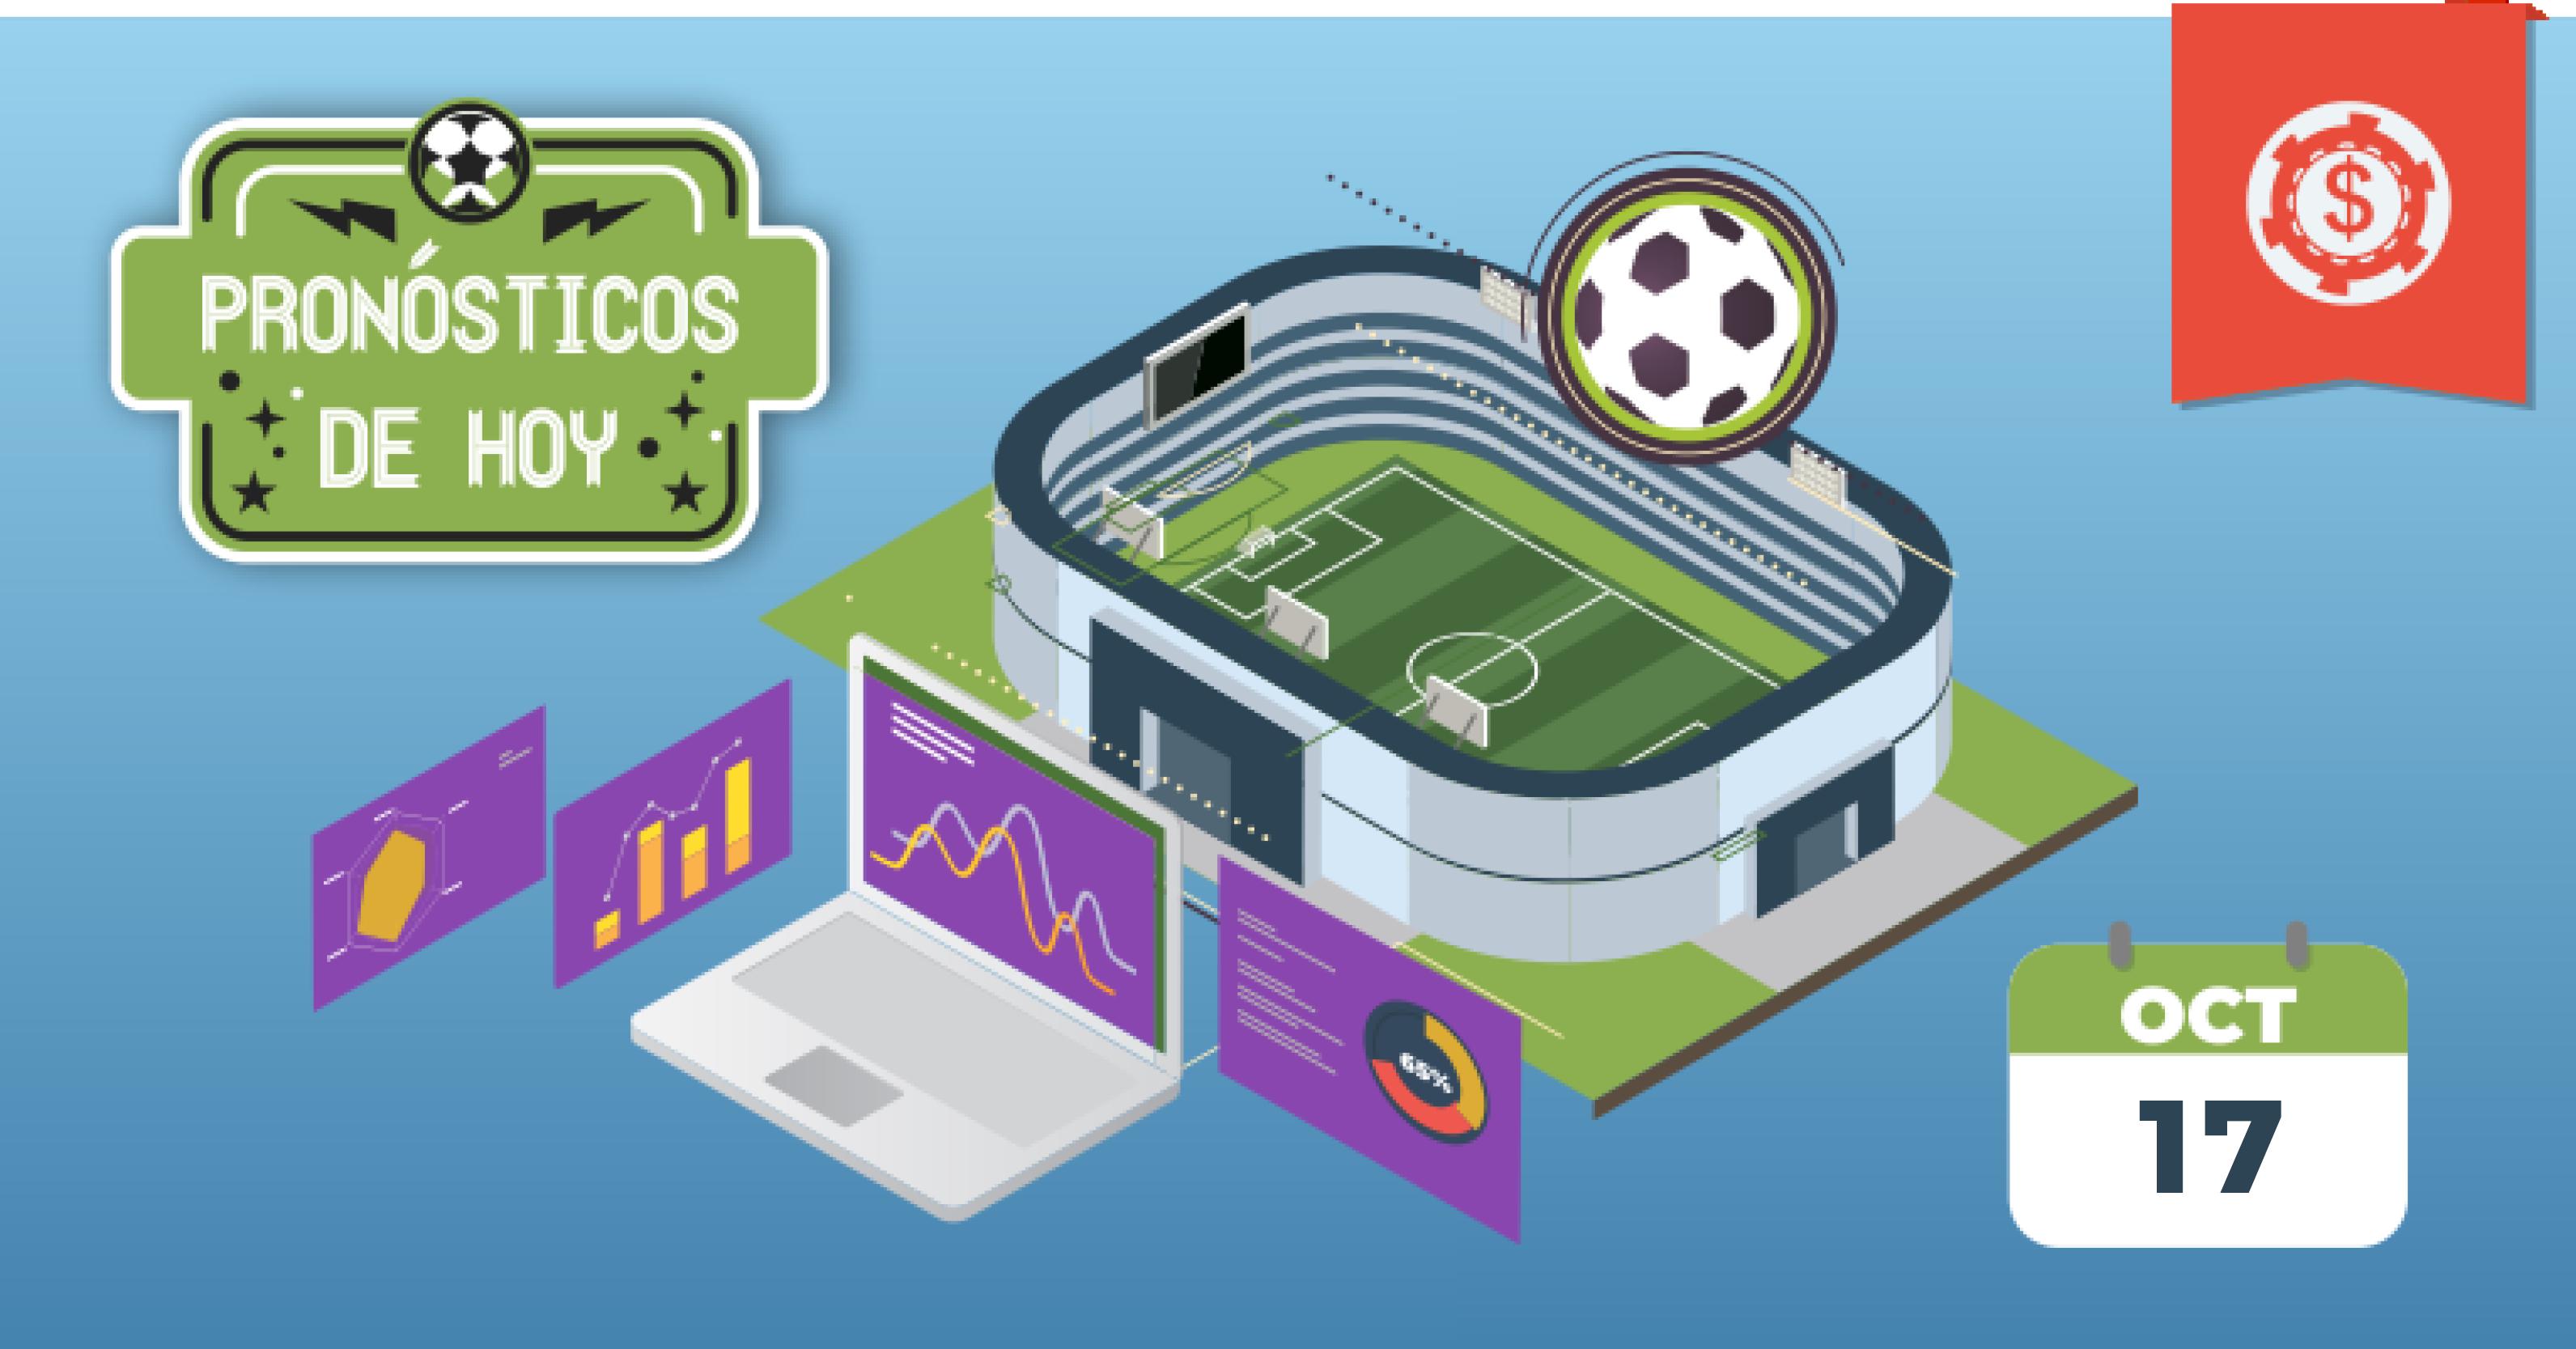 pronosticos-futbol-hoy-predicciones-17-octubre-2019